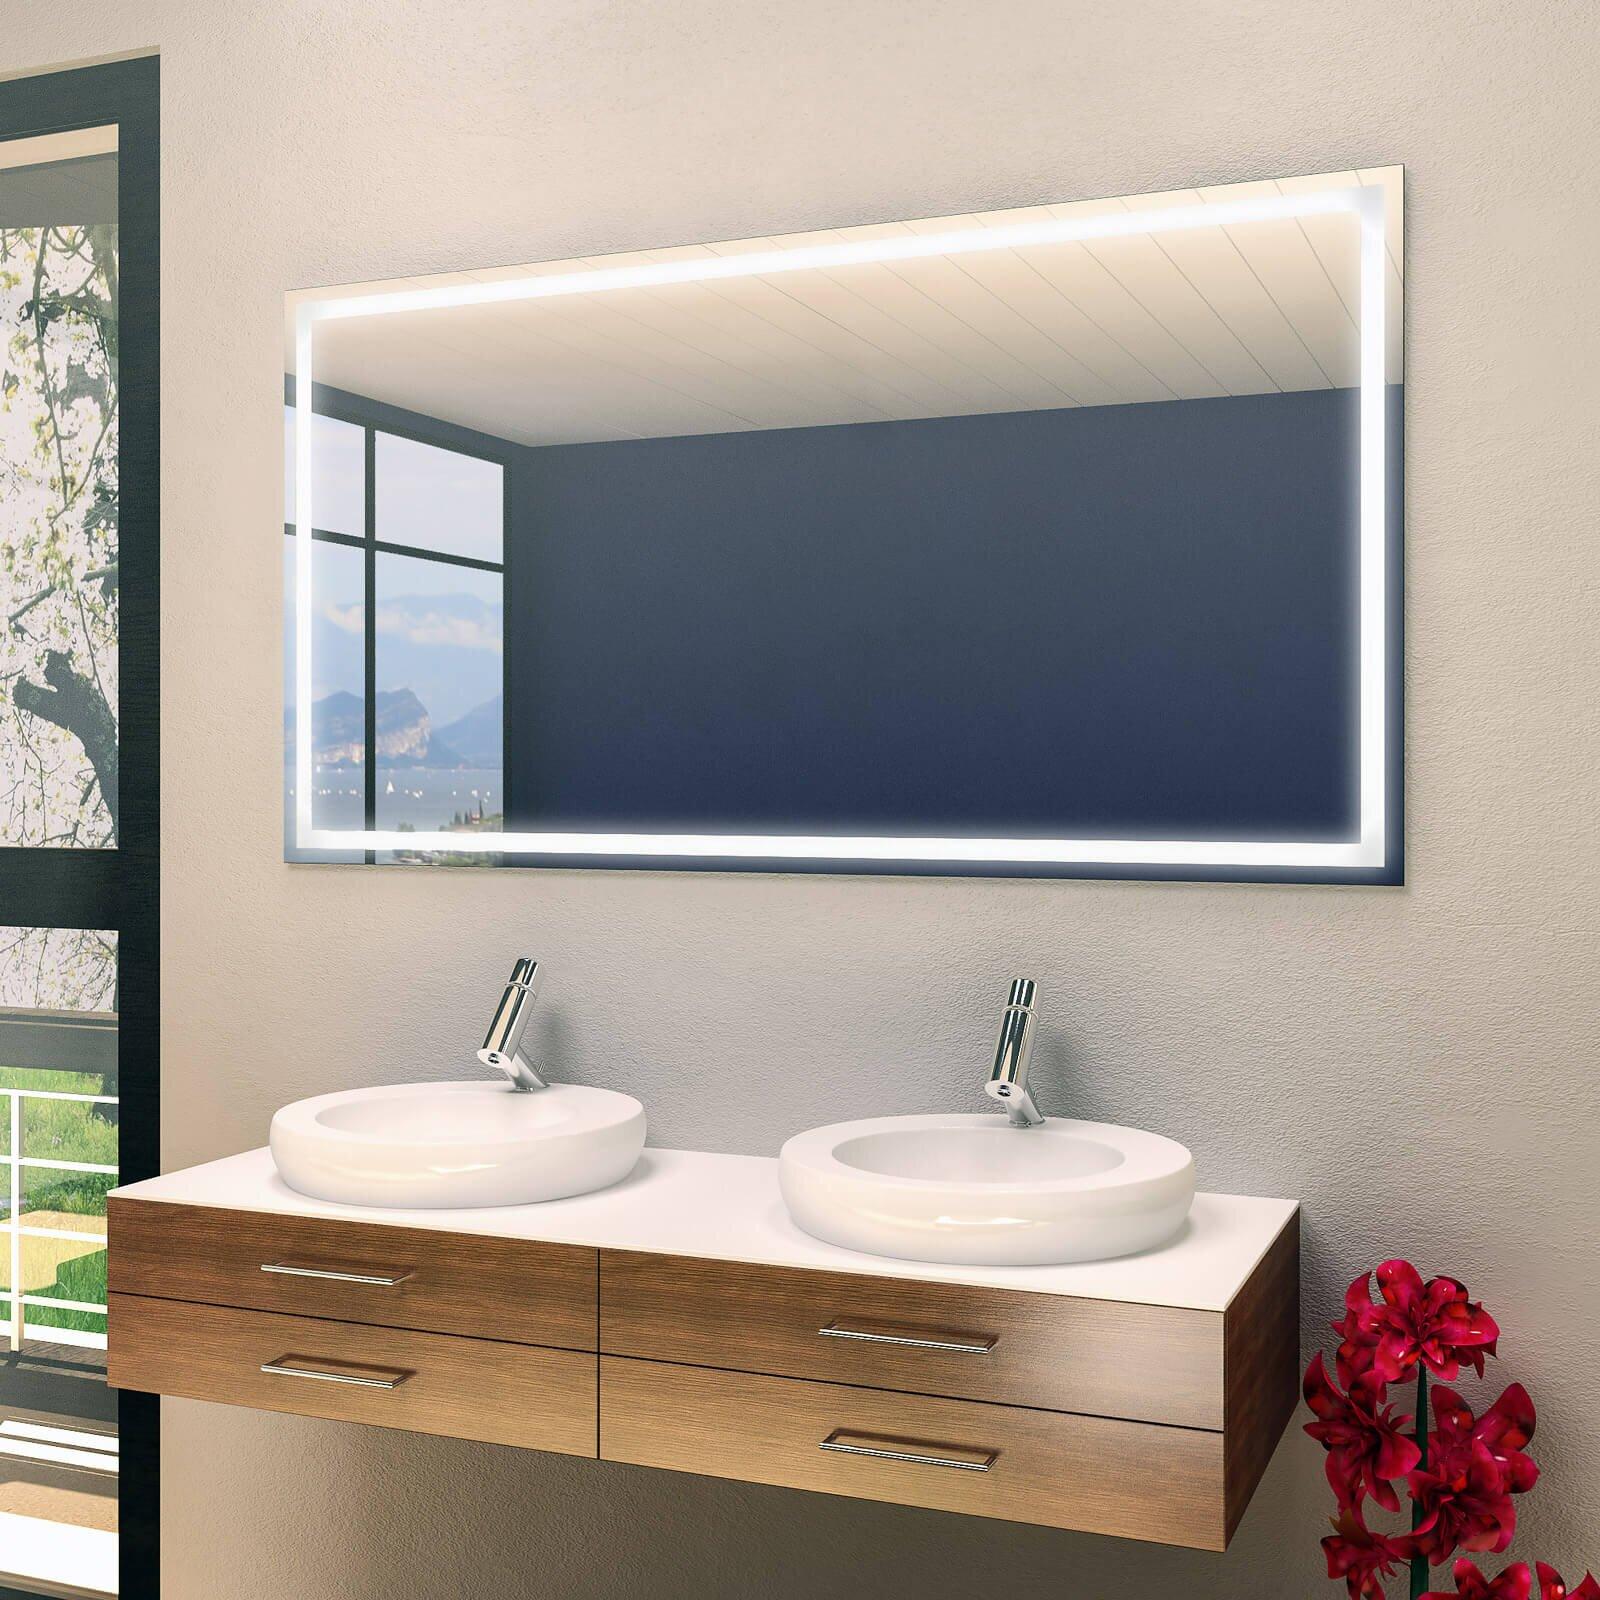 Badspiegel Vita 4s1 Beleuchtet Sofort Lieferbar